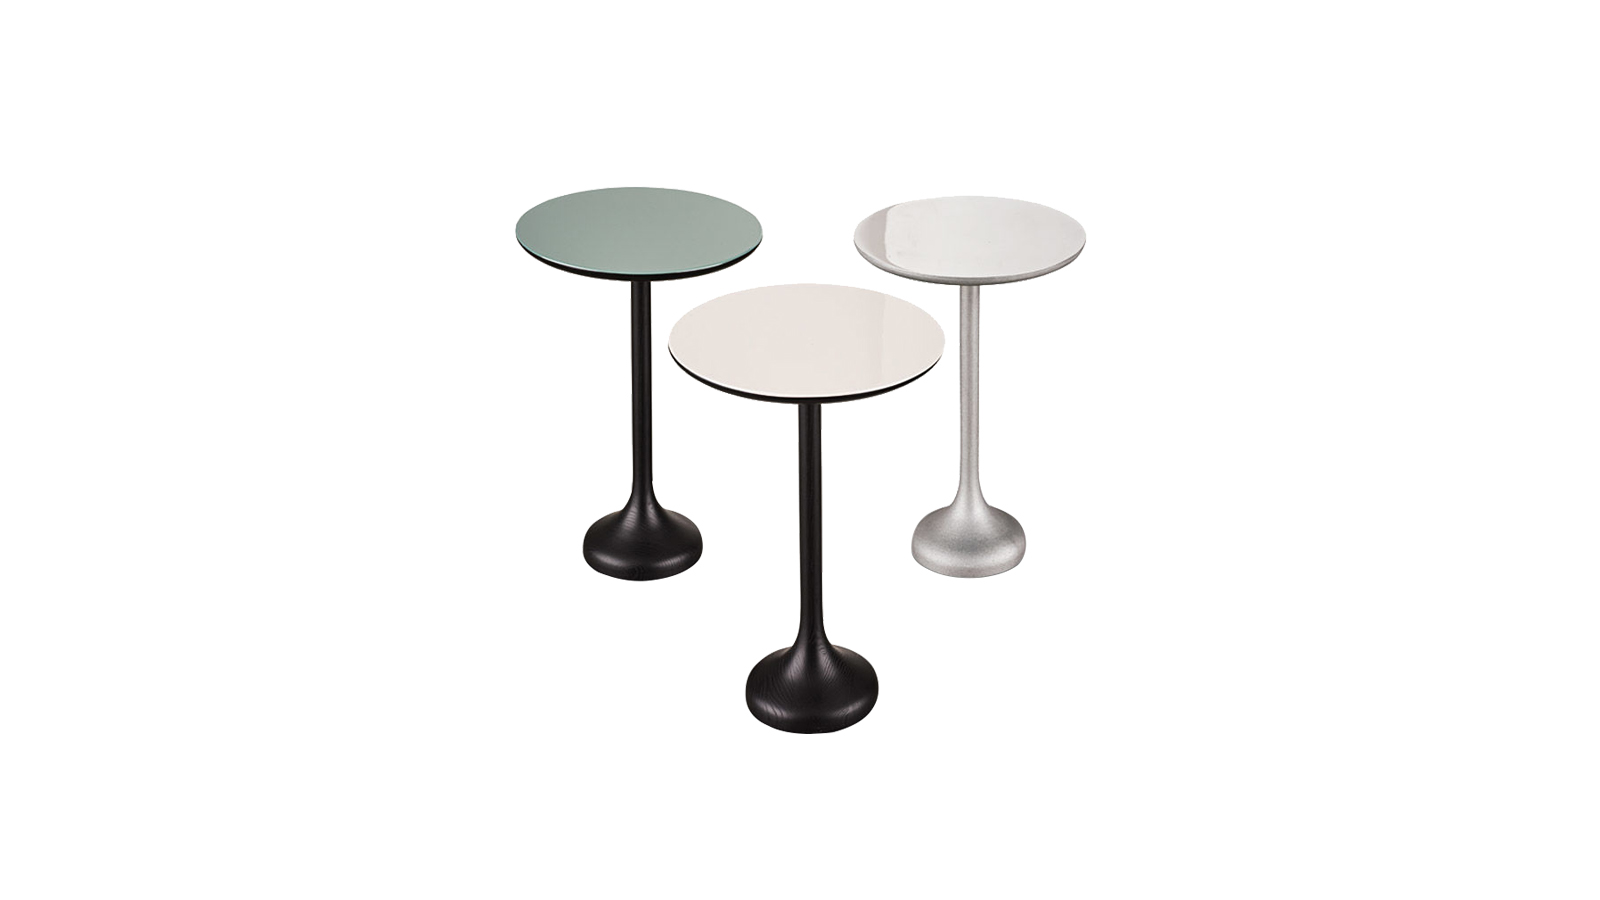 """""""Rodolfo Dordoni Warren asztala higgadt eleganciát sugároz - a Minotti ülőalkalmatosságaihoz és ágyaihoz kiválóan illeszthető. Az asztallapot egyetlen stabil láb tartja: végtelenül praktikus, nem foglal sok helyet. A kerek forma, valamint a lakkozott alumínium vibráló fényessége és a pasztelles színek otthonos atmoszférát teremtenek. Egyszerre glamúros és visszafogott - egy ilyen apró bútor is képes a stílusteremtésre. """""""